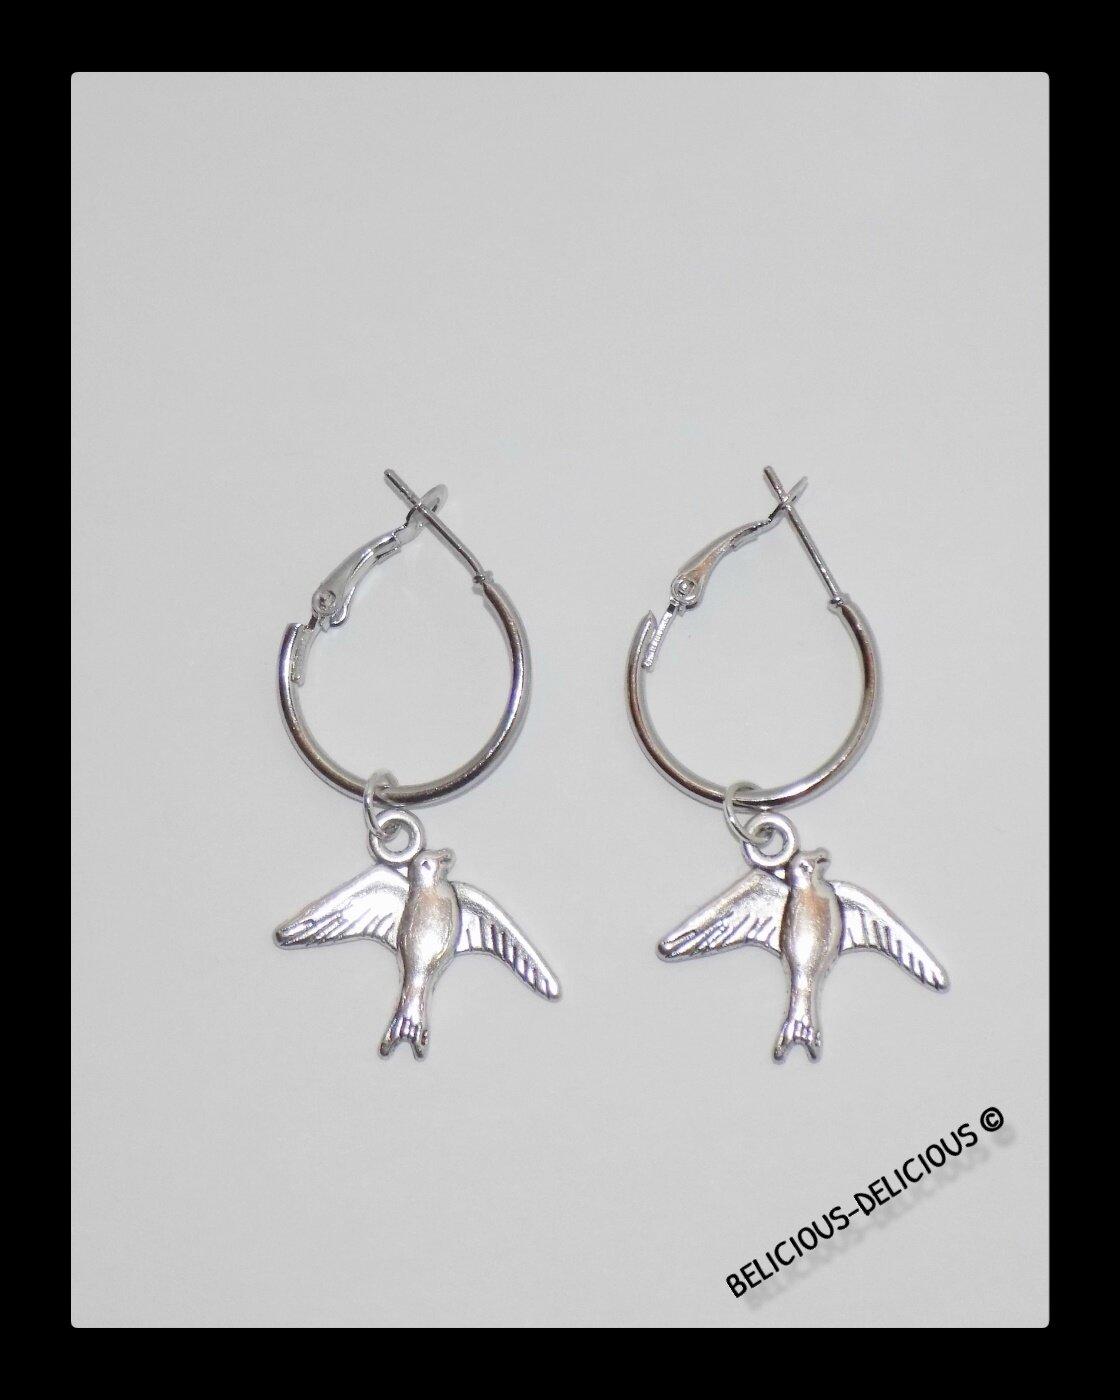 Original Boucles d'oreilles creole pour homme !! BIRDY en metal argente T .3cm x 2cm